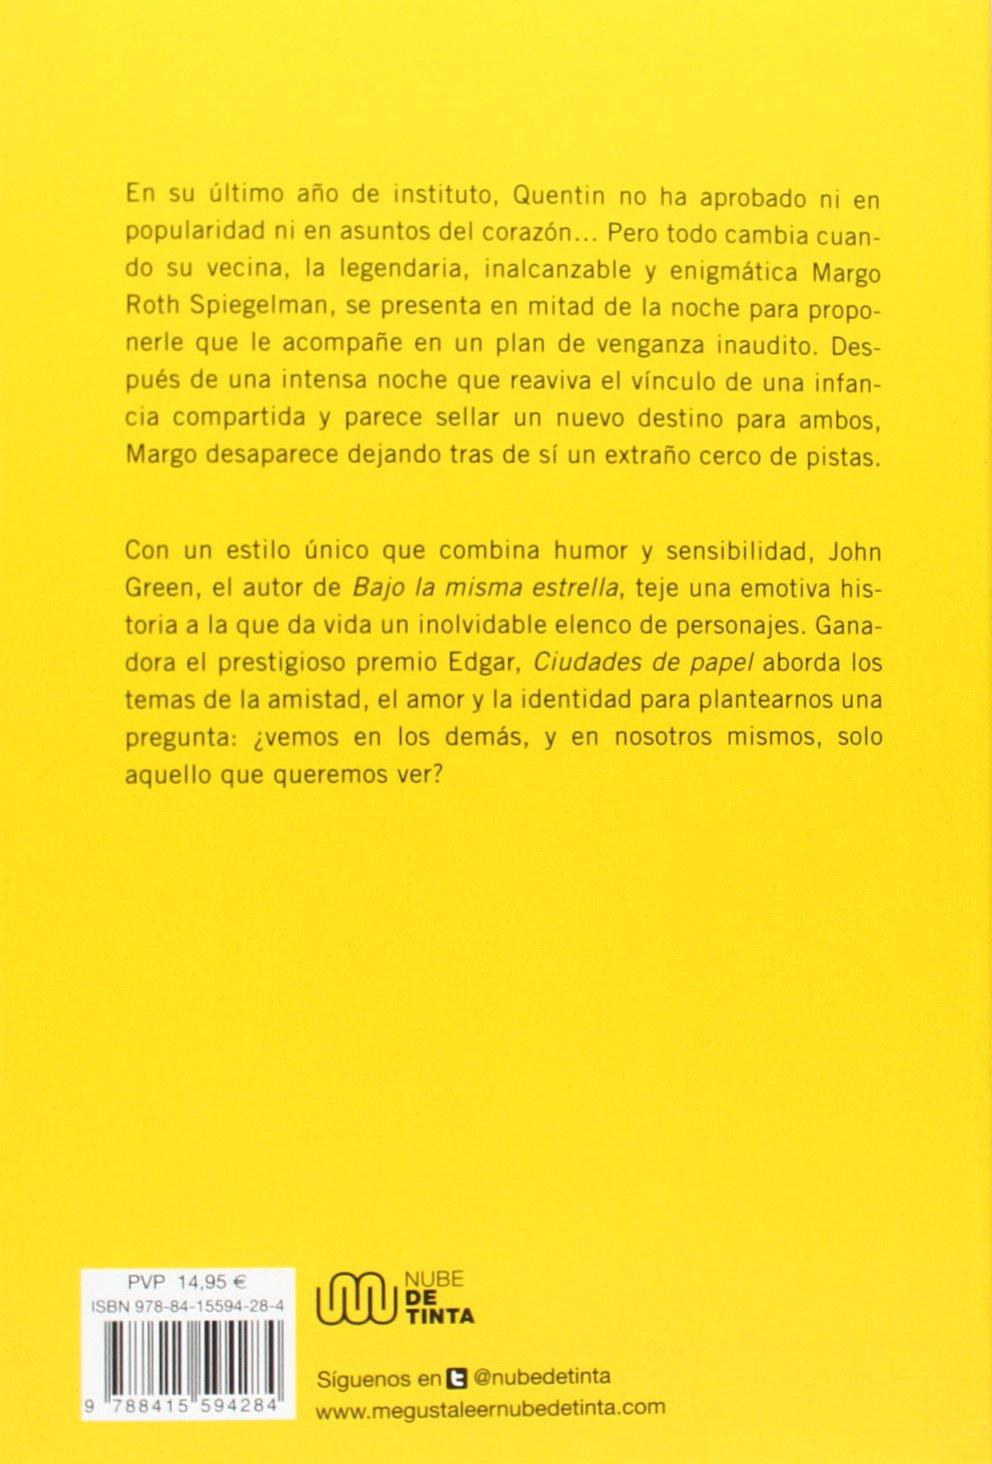 Resultado de imagen de libro ciudades de papel sinopsis